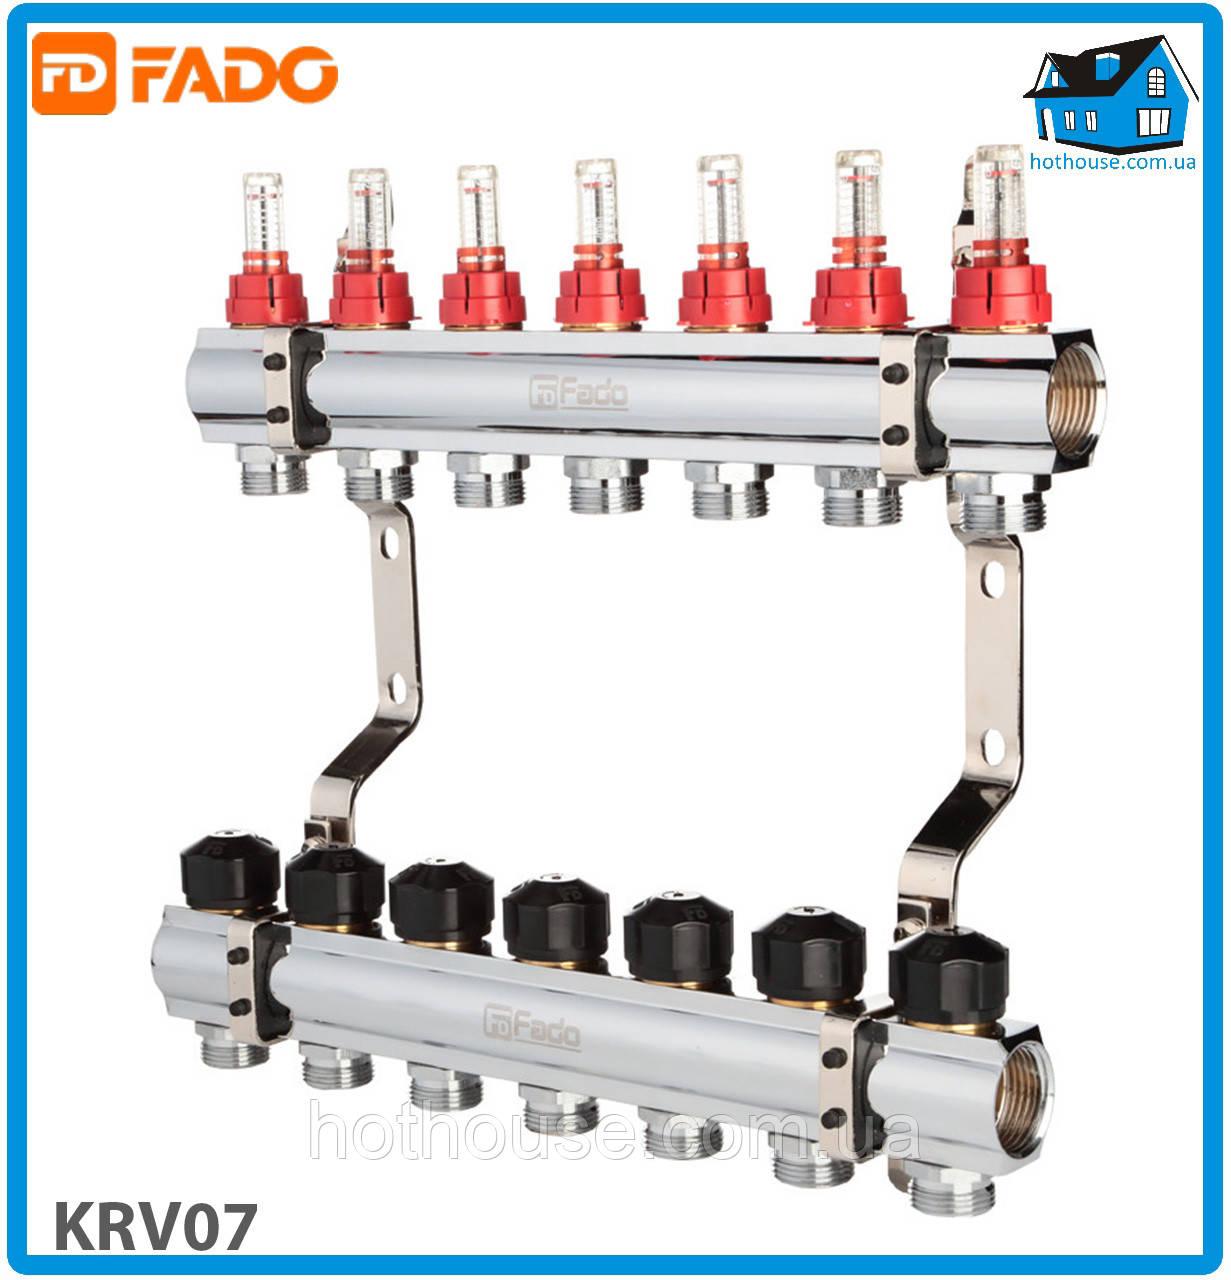 """Колектор з витратомірами FADO FLOOR KRV07 1""""х3/4"""" 7 виходів"""